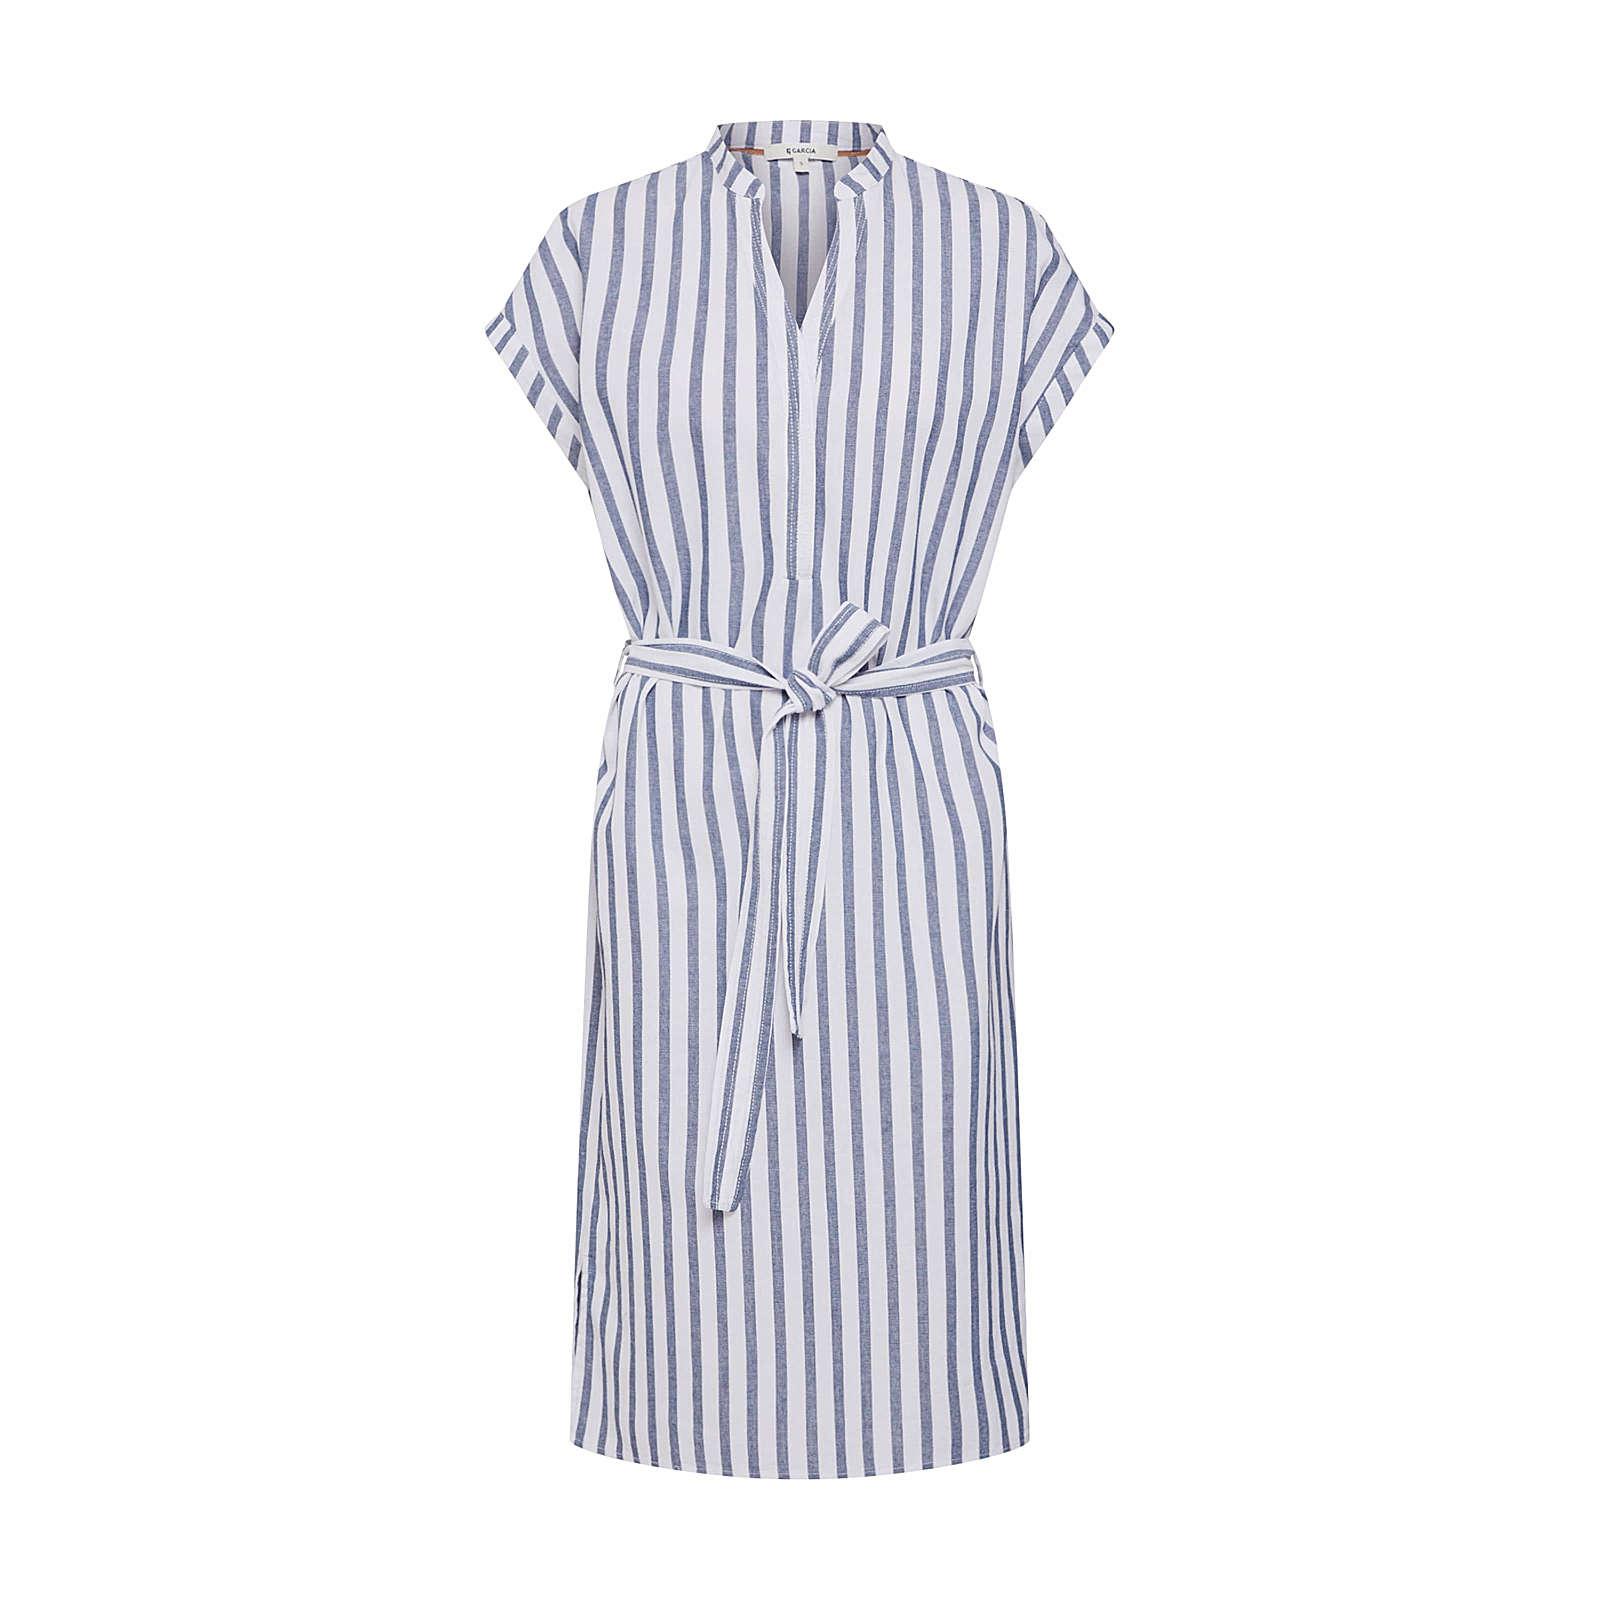 GARCIA Sommerkleid Sommerkleider weiß Damen Gr. 34